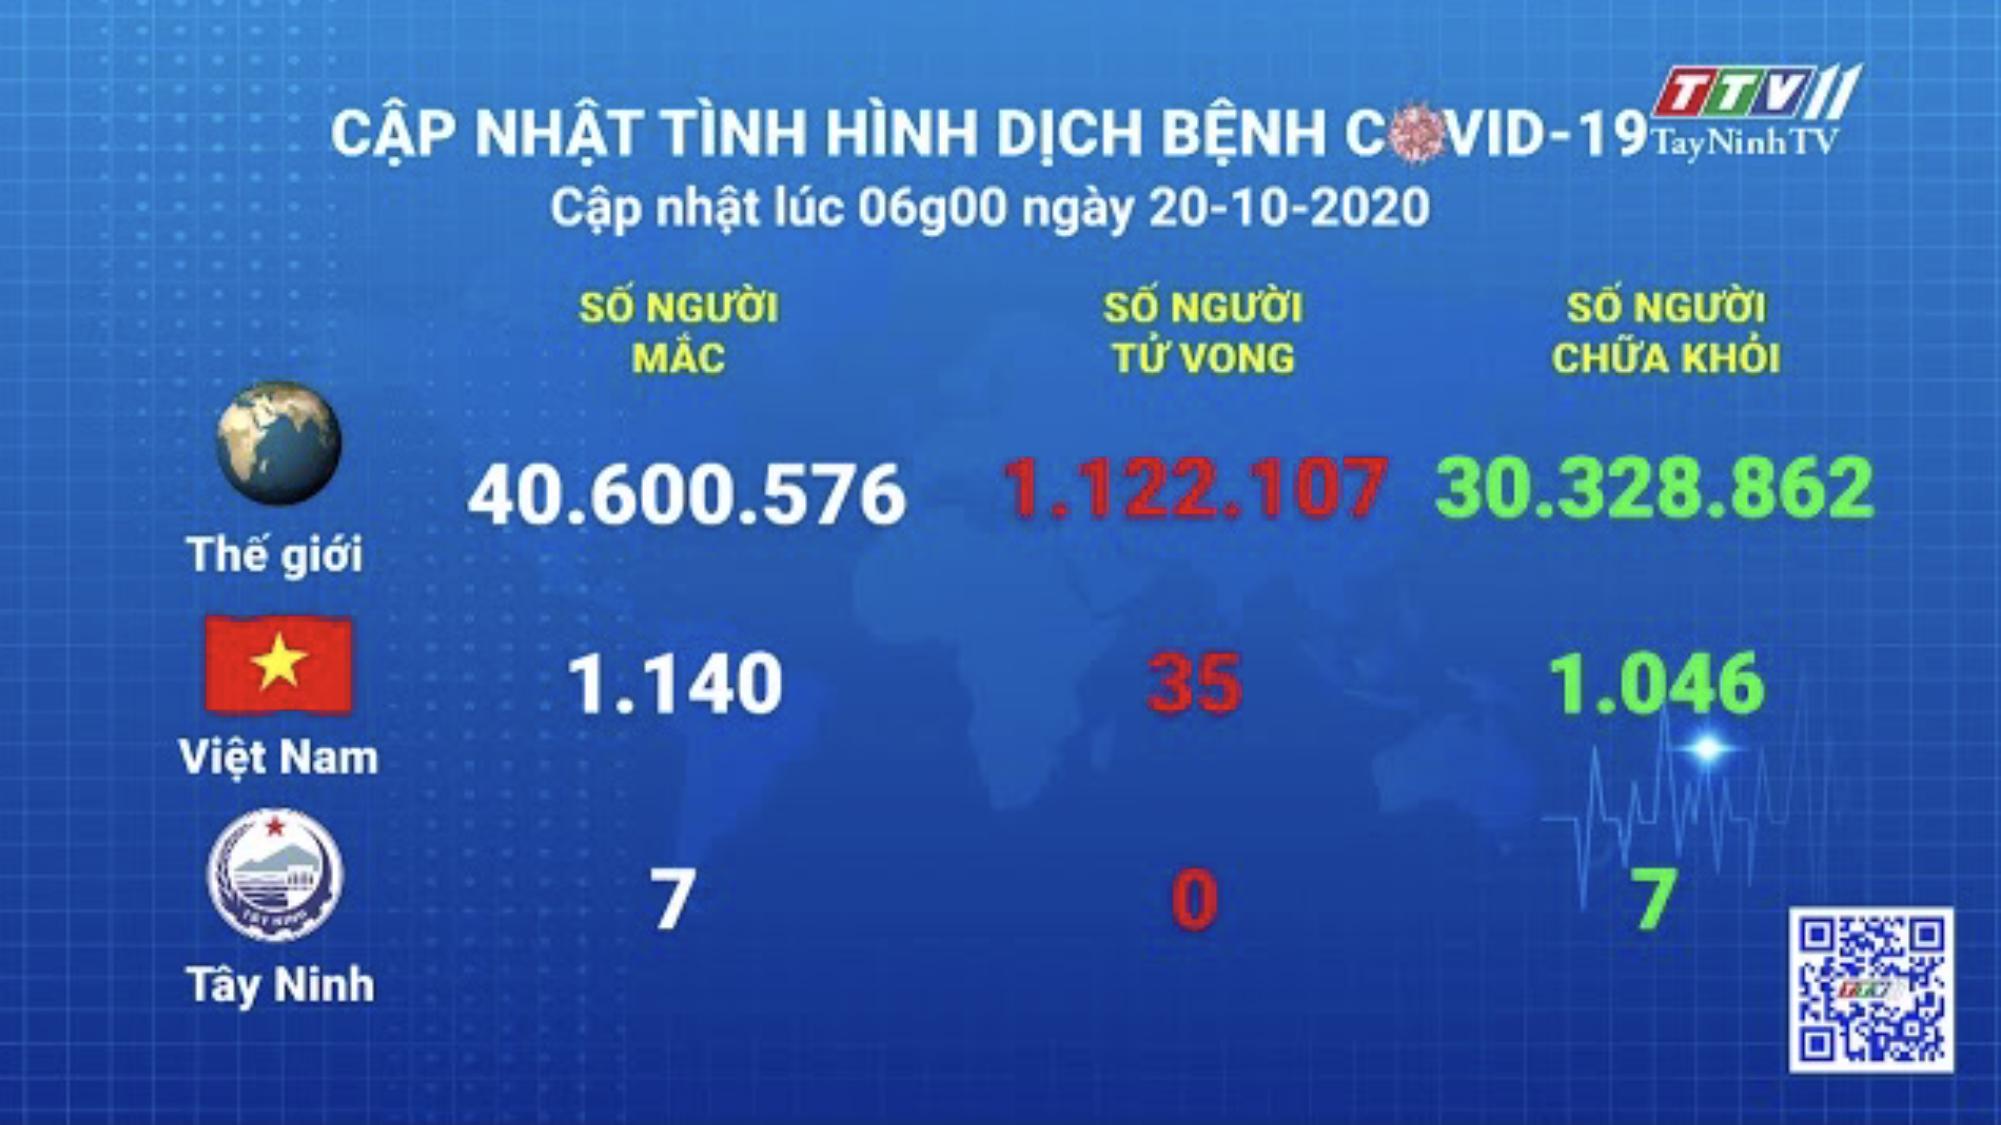 Cập nhật tình hình Covid-19 vào lúc 06 giờ 20-10-2020 | Thông tin dịch Covid-19 | TayNinhTV